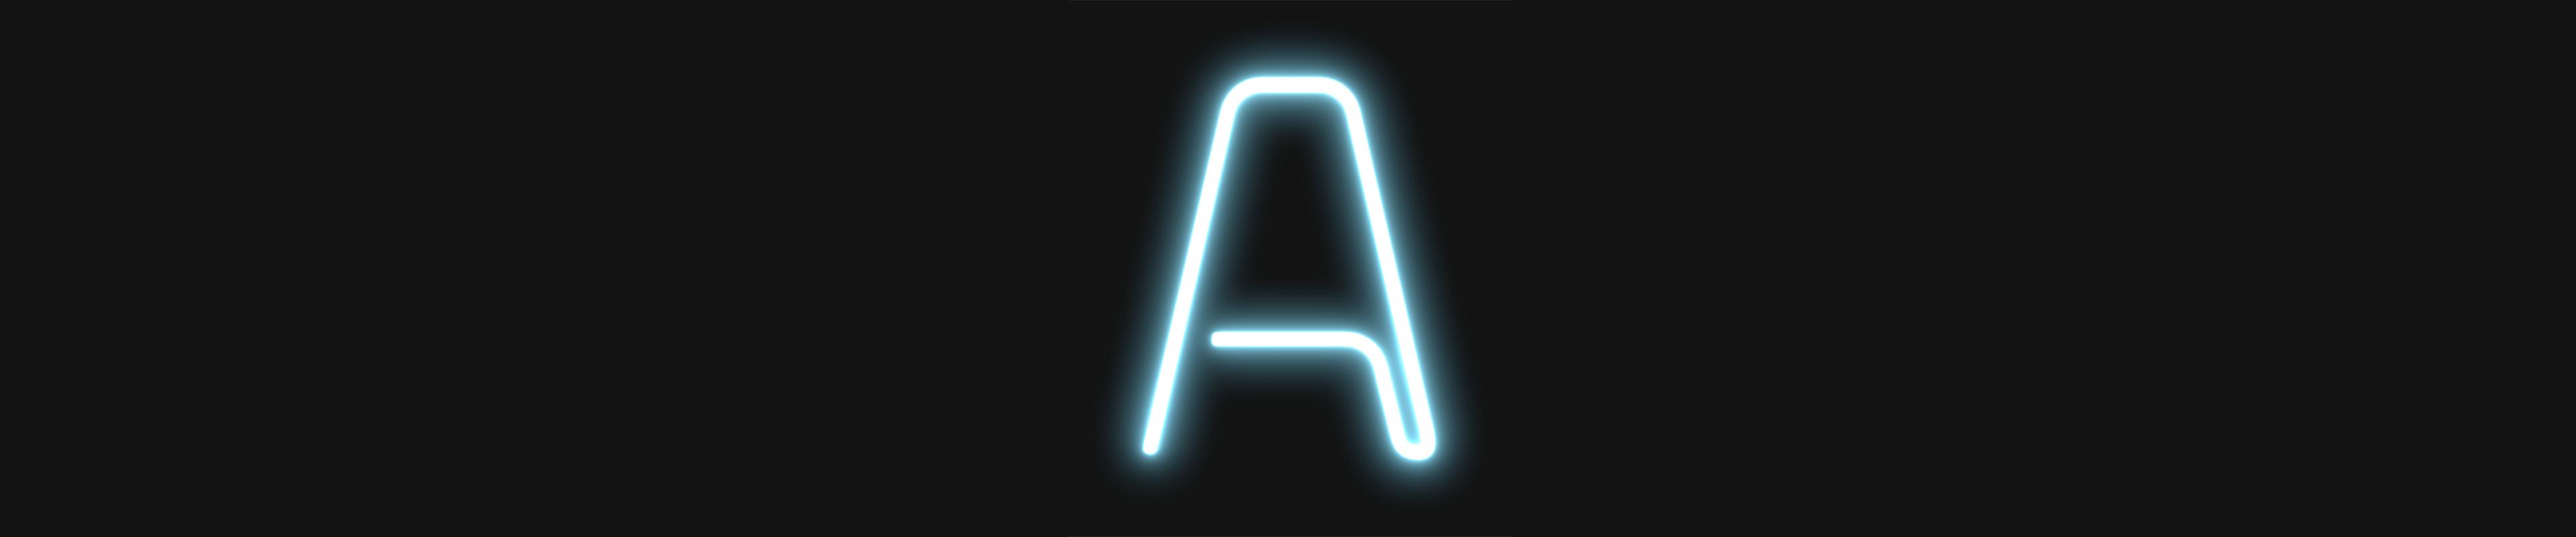 [已购]Apollo: 沉浸式照明-草蜢资源